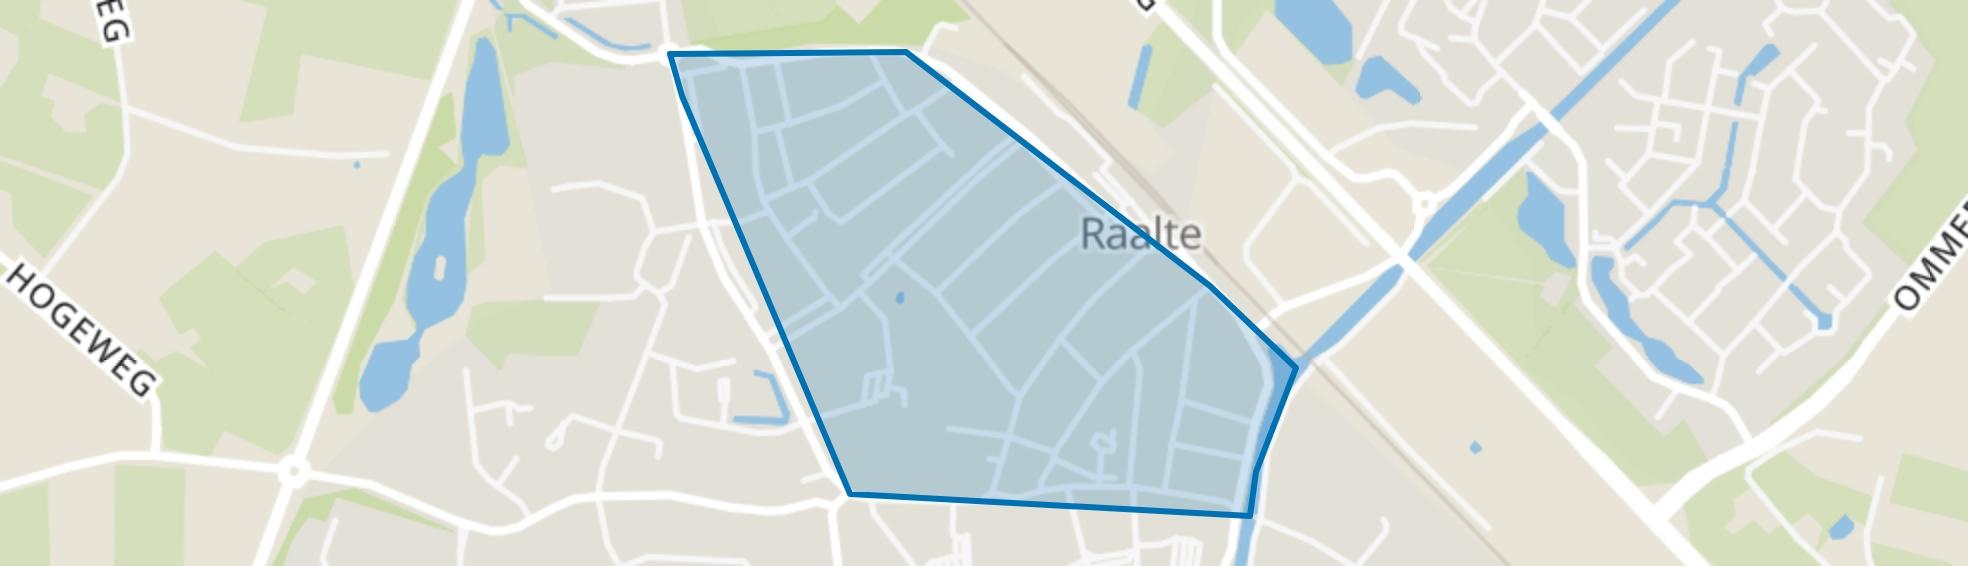 Blekkerhoek, Raalte map